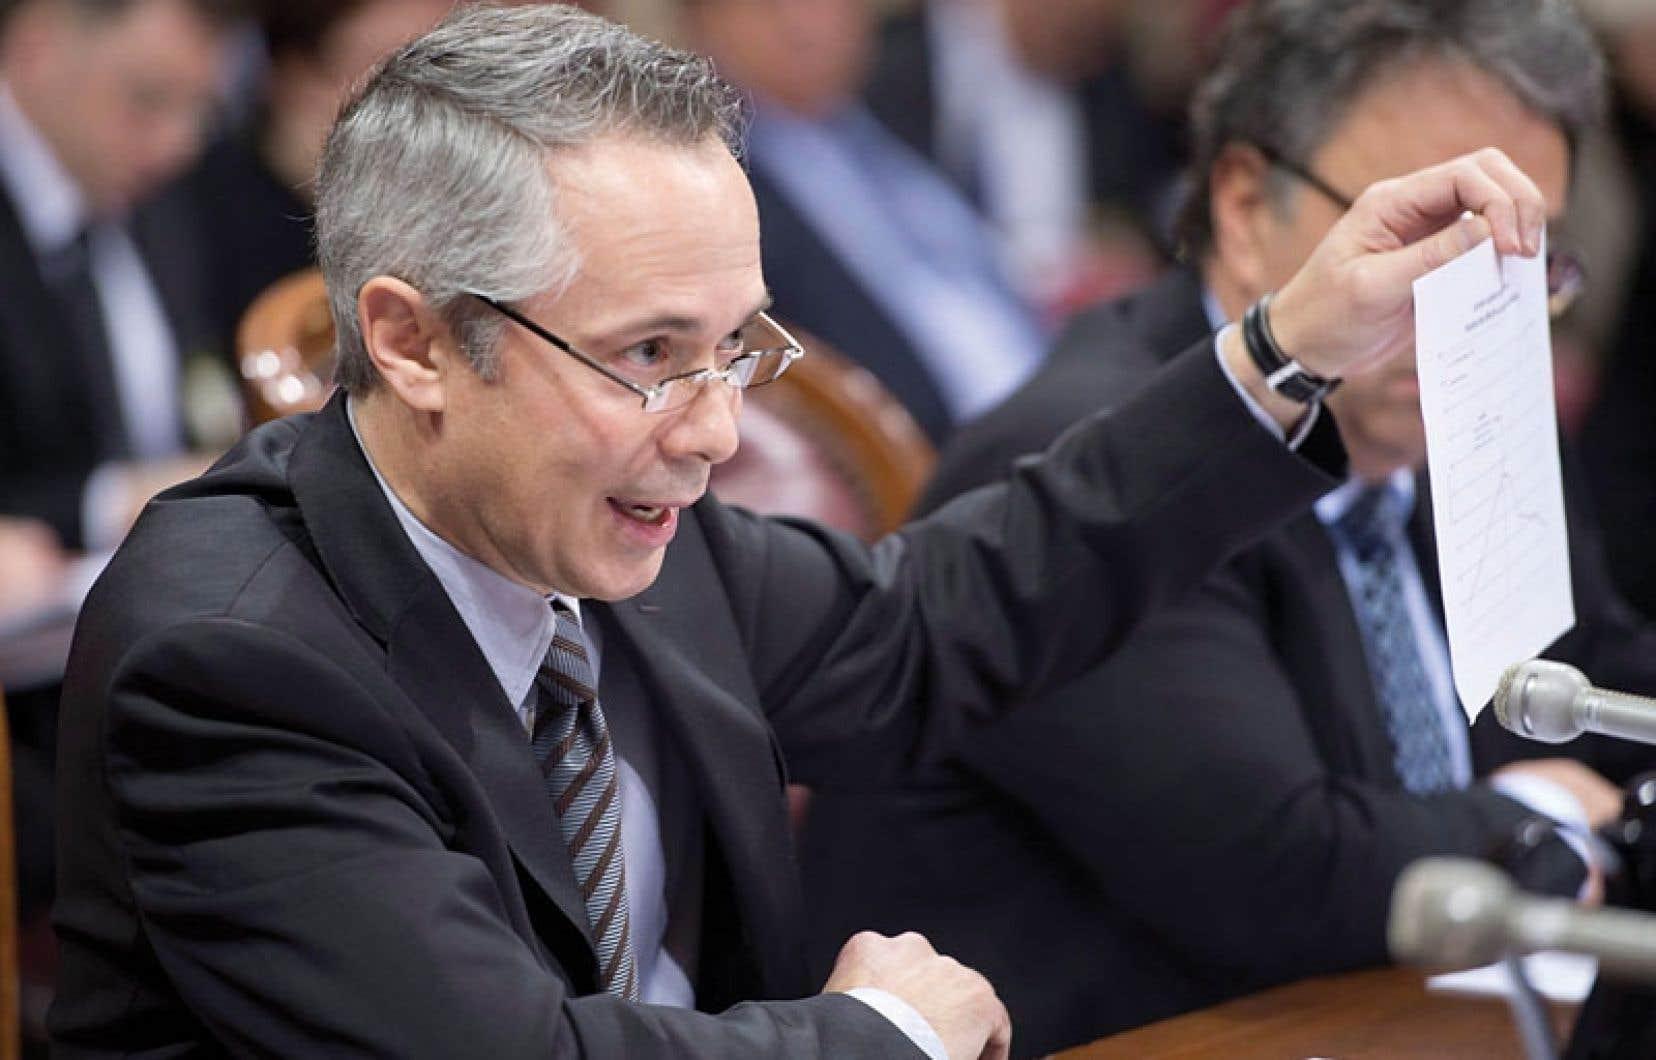 Le p.-d.g. d'Hydro-Québec, Thierry Vandal, témoigne en ouverture de la commission parlementaire sur la fermeture de la centrale nucléaire Gentilly-2.